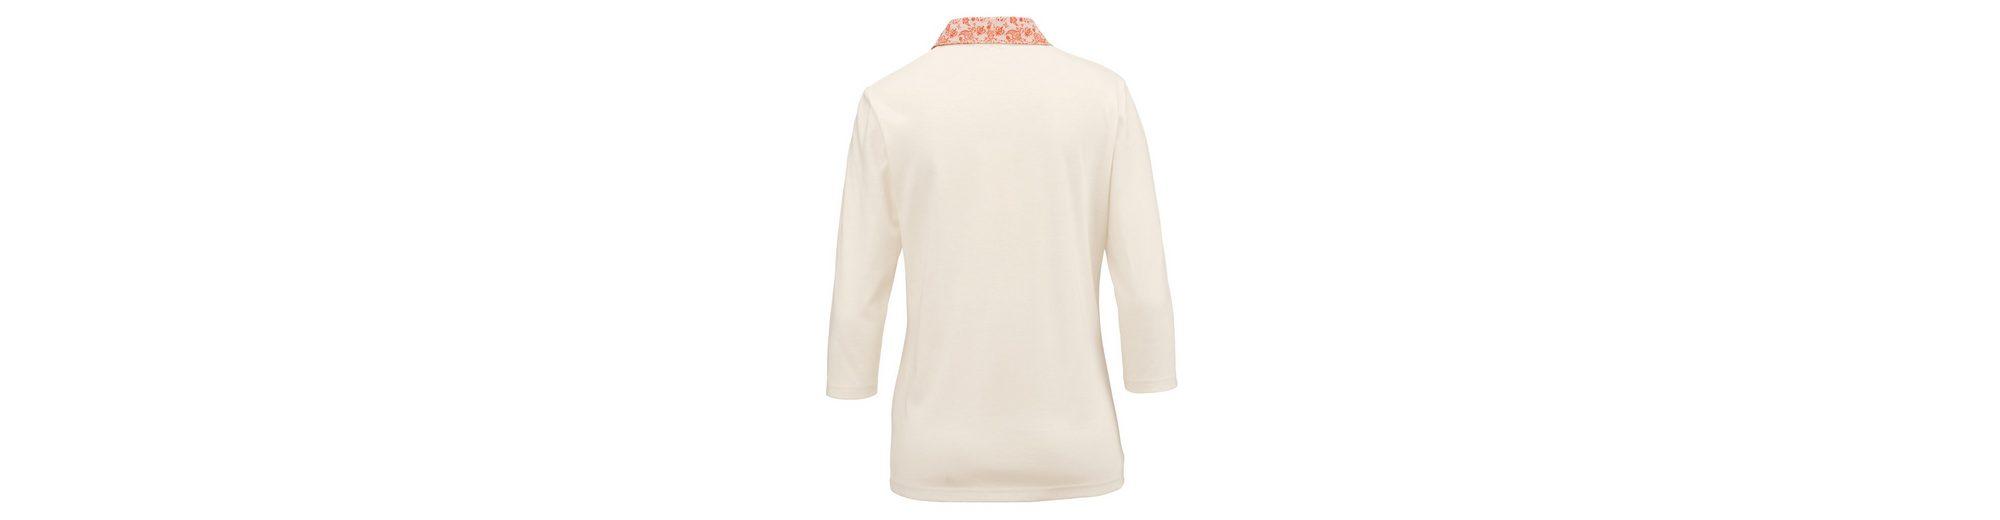 Dress In Poloshirt mit Brusttasche Neueste 0iz7riB7